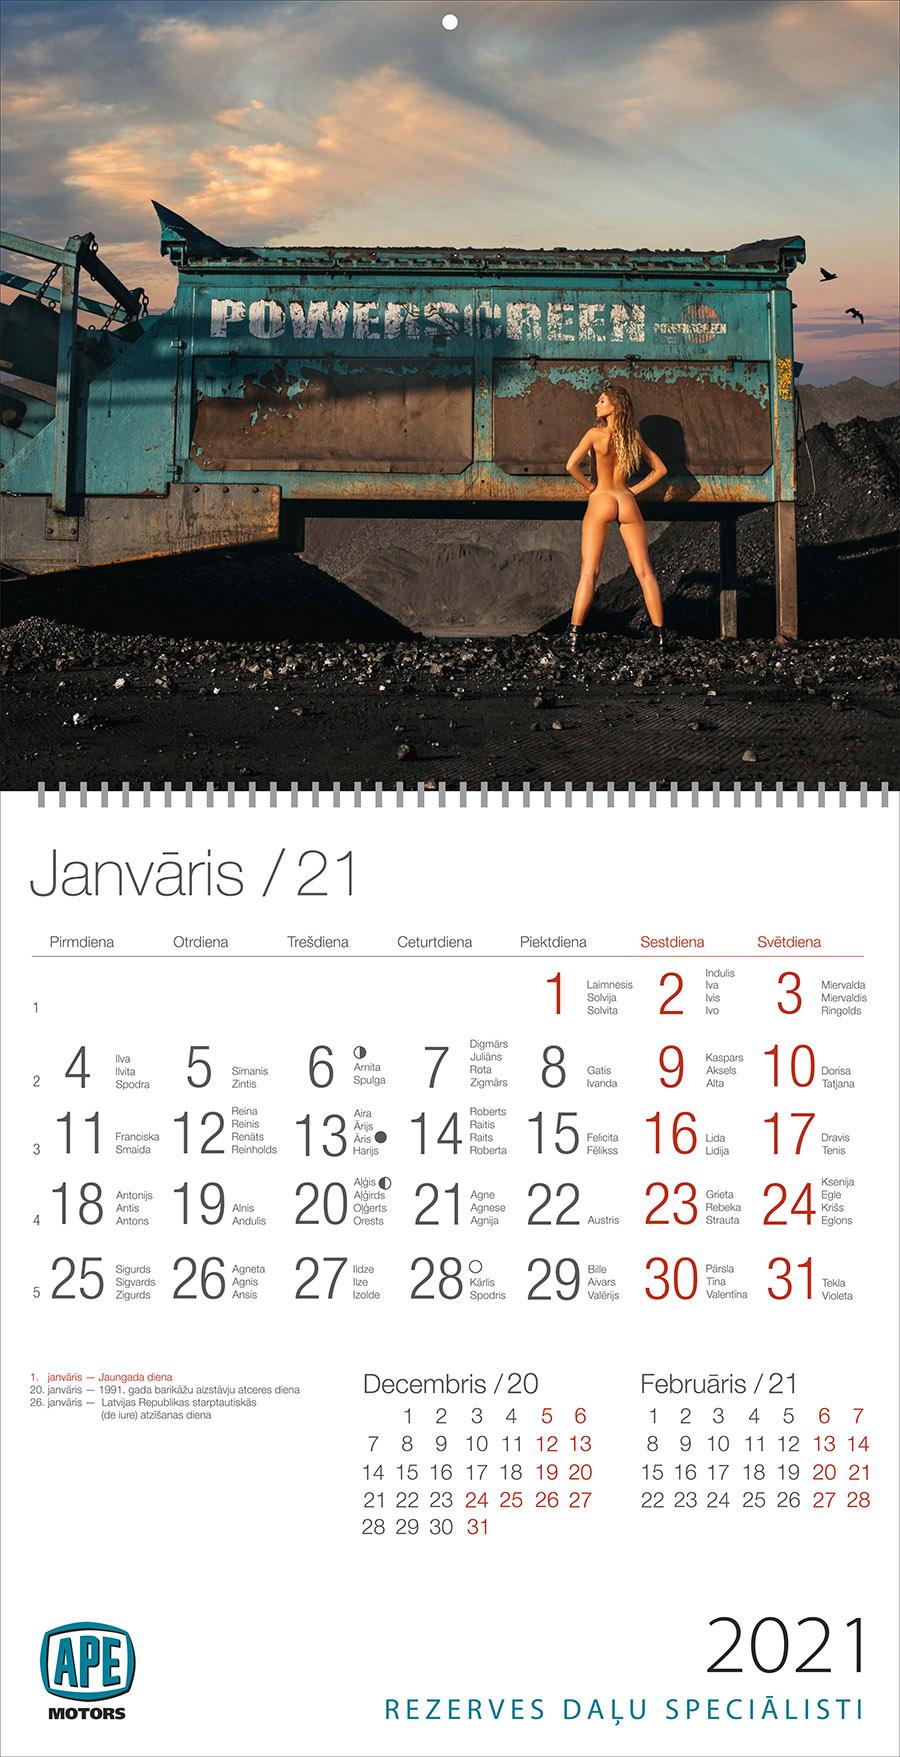 Erotiskas kalendārs 2021 gadam sadarbībā ar APE Motors